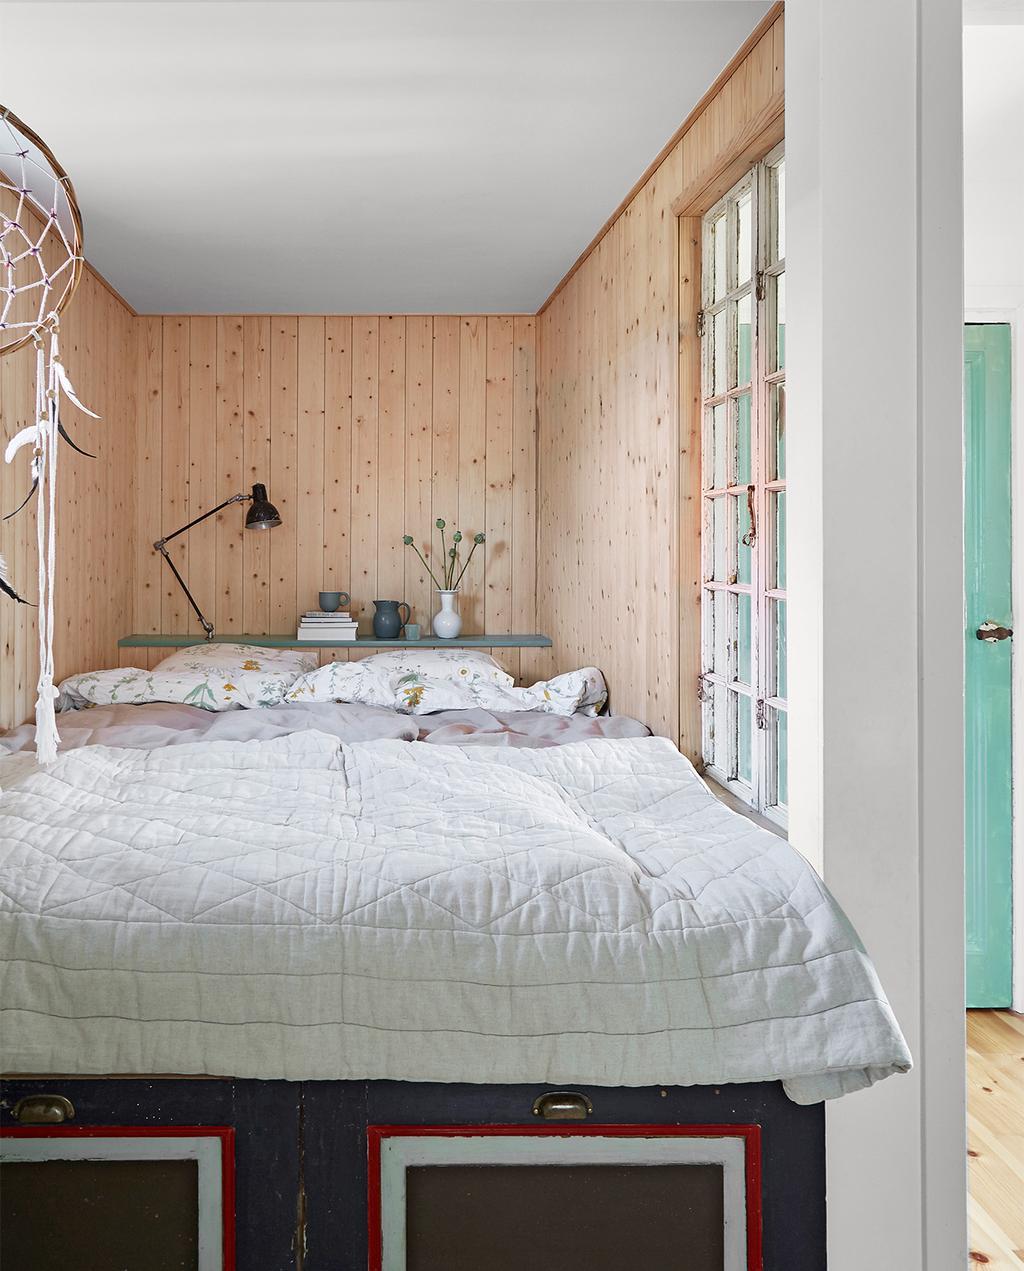 vtwonen special zomerhuizen 07-2021 | bedstee houten wand met opbergruimte eronder